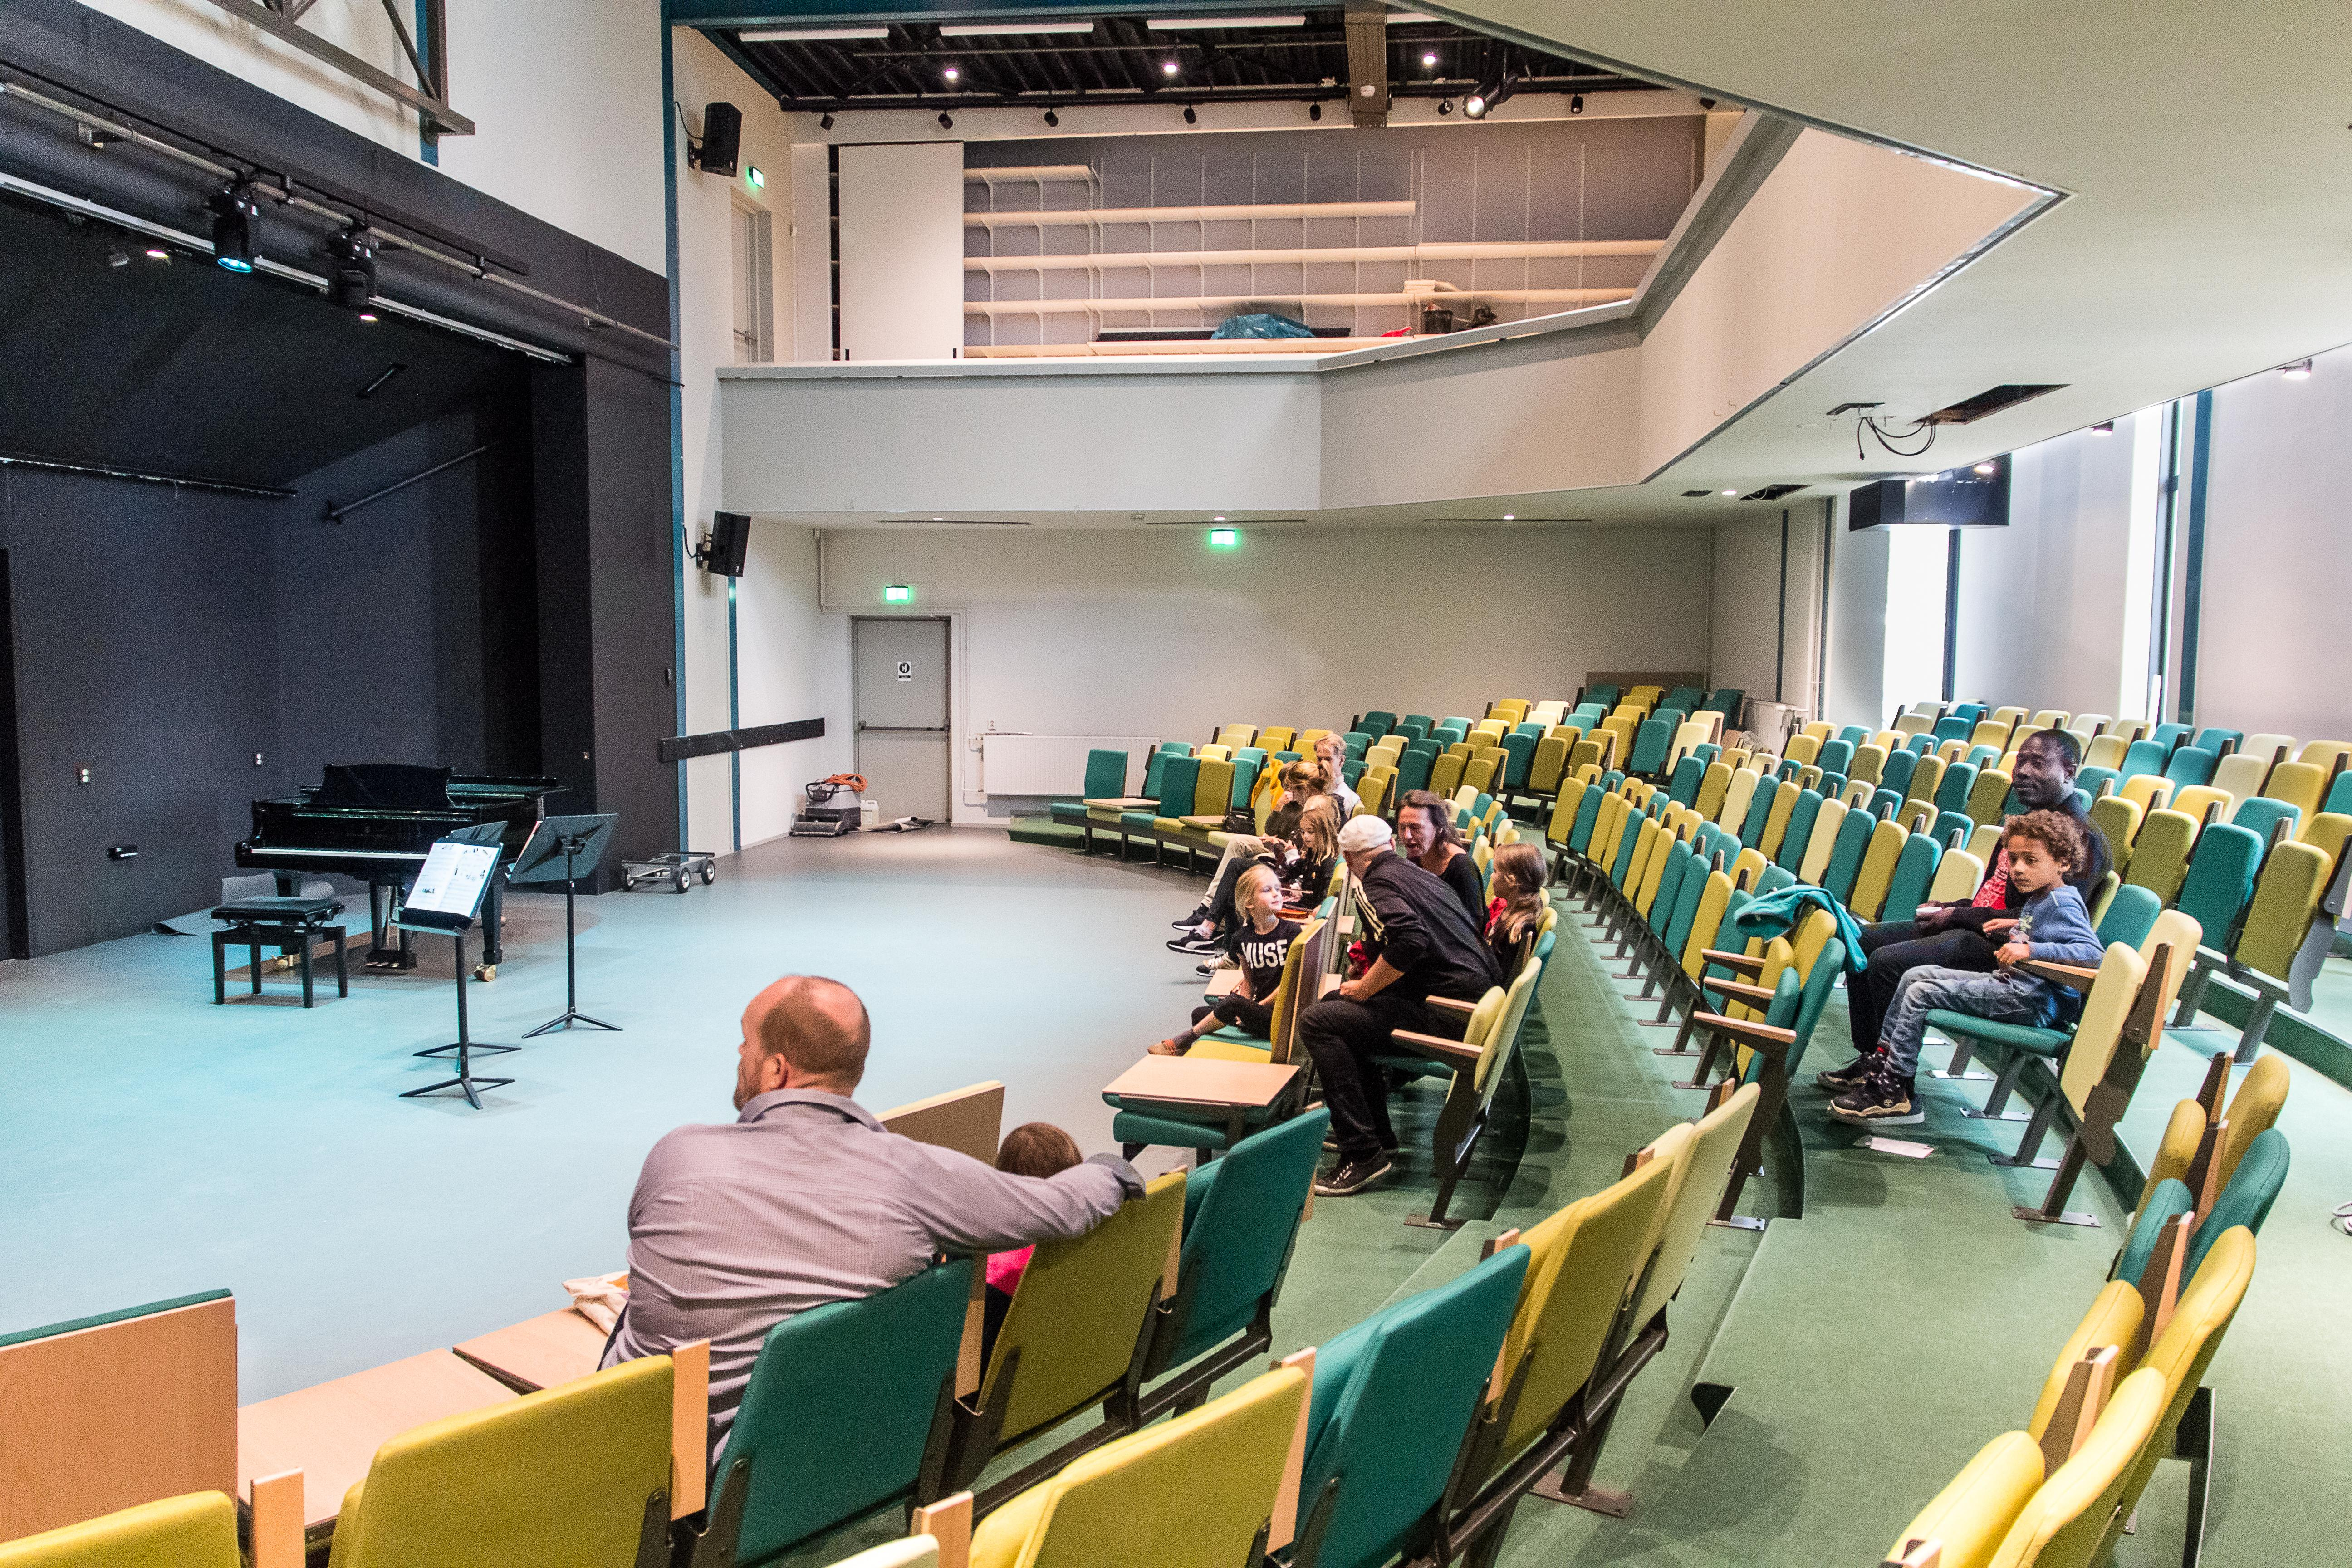 Renovatie van muziekschool Fluxus bijna klaar, 'coronastoelen'in drie tinten Zaans groen